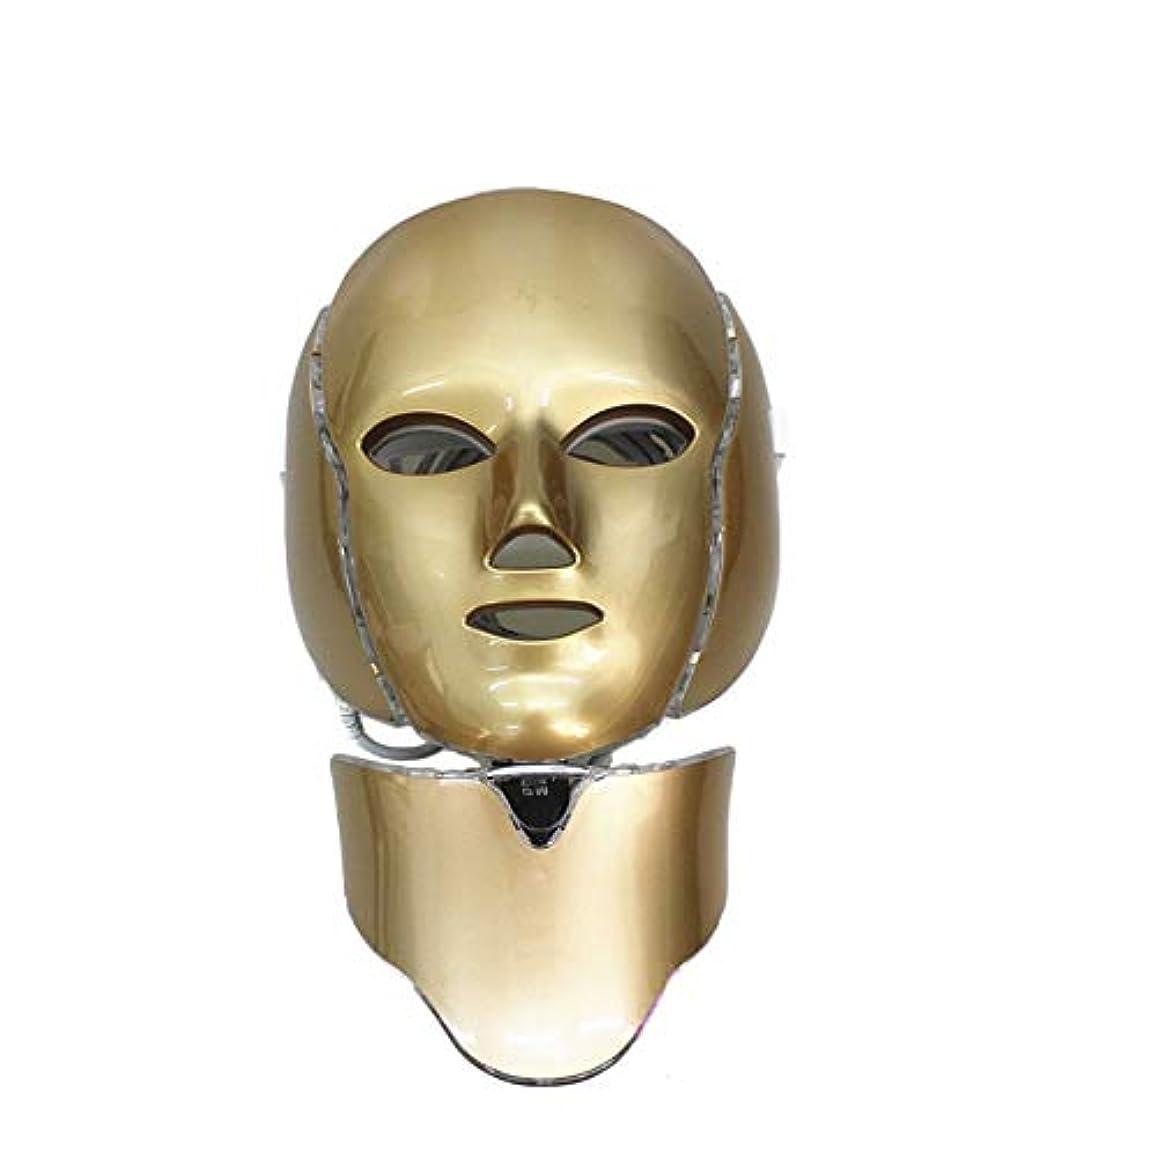 すり不完全な警察ライトセラピー?マスク、ライトセラピーの7色フェイシャルマスクセラピー光子は、にきびスポットリンクル傷を硬化、フェイススキンケア若返りのためのアンチエイジングスキンマスクLEDネックにきび治療をマスク (Color :...